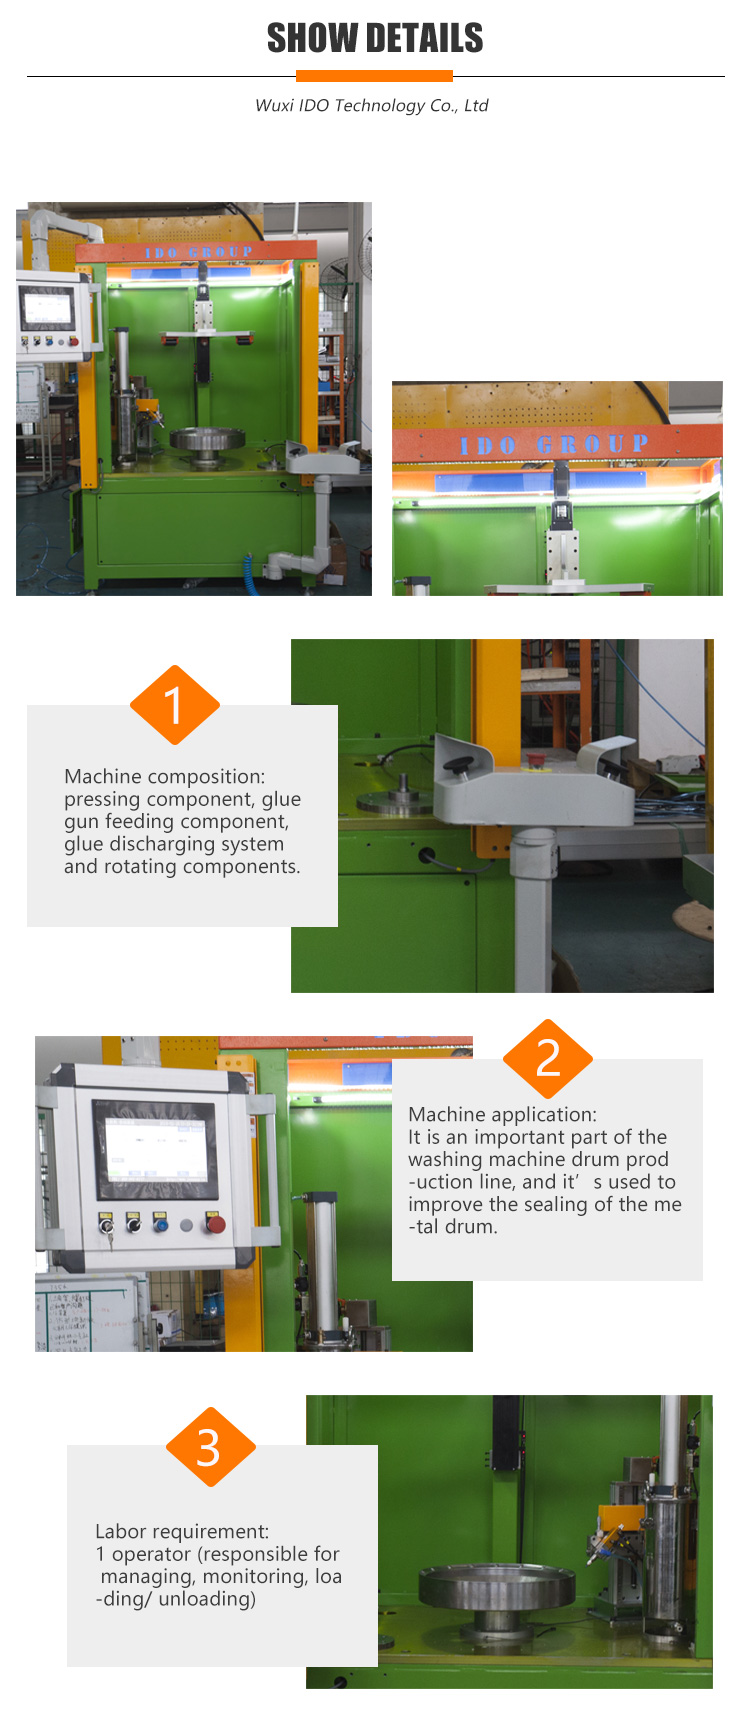 Production Line Flow 2